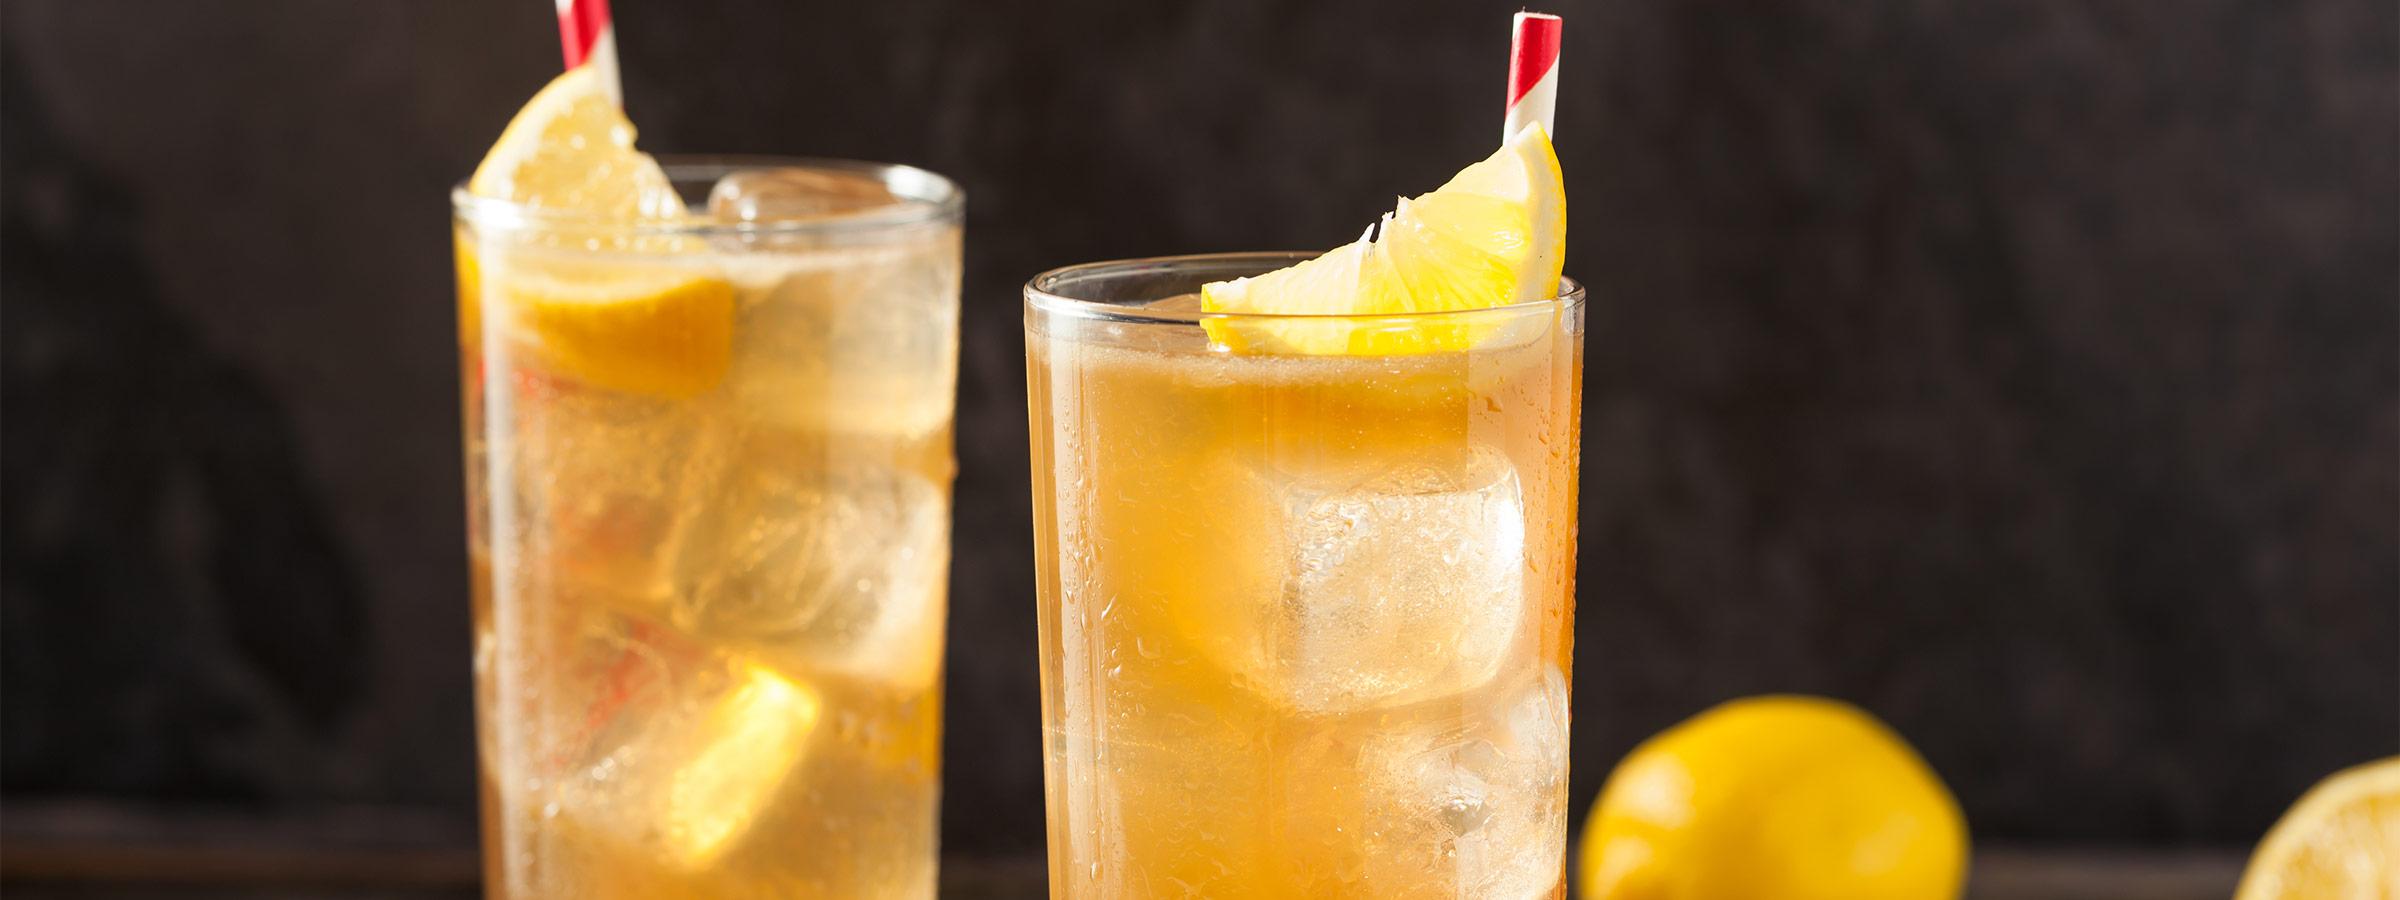 turmeric lemonade image